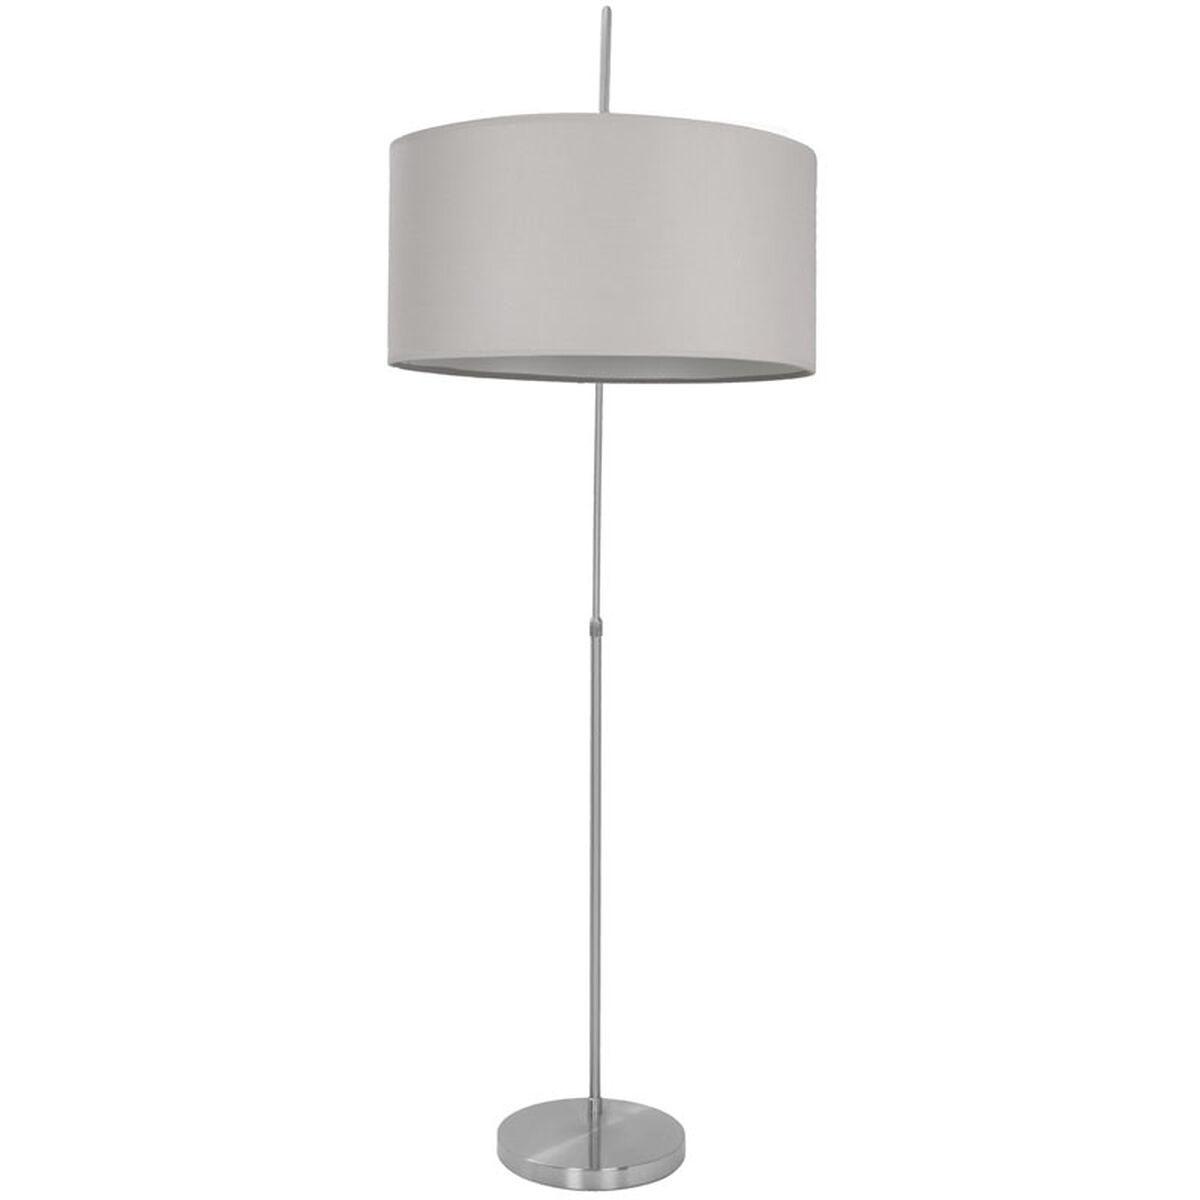 Salon Grey Floor Lamp Ls L Salflr Gy Bizchair Com